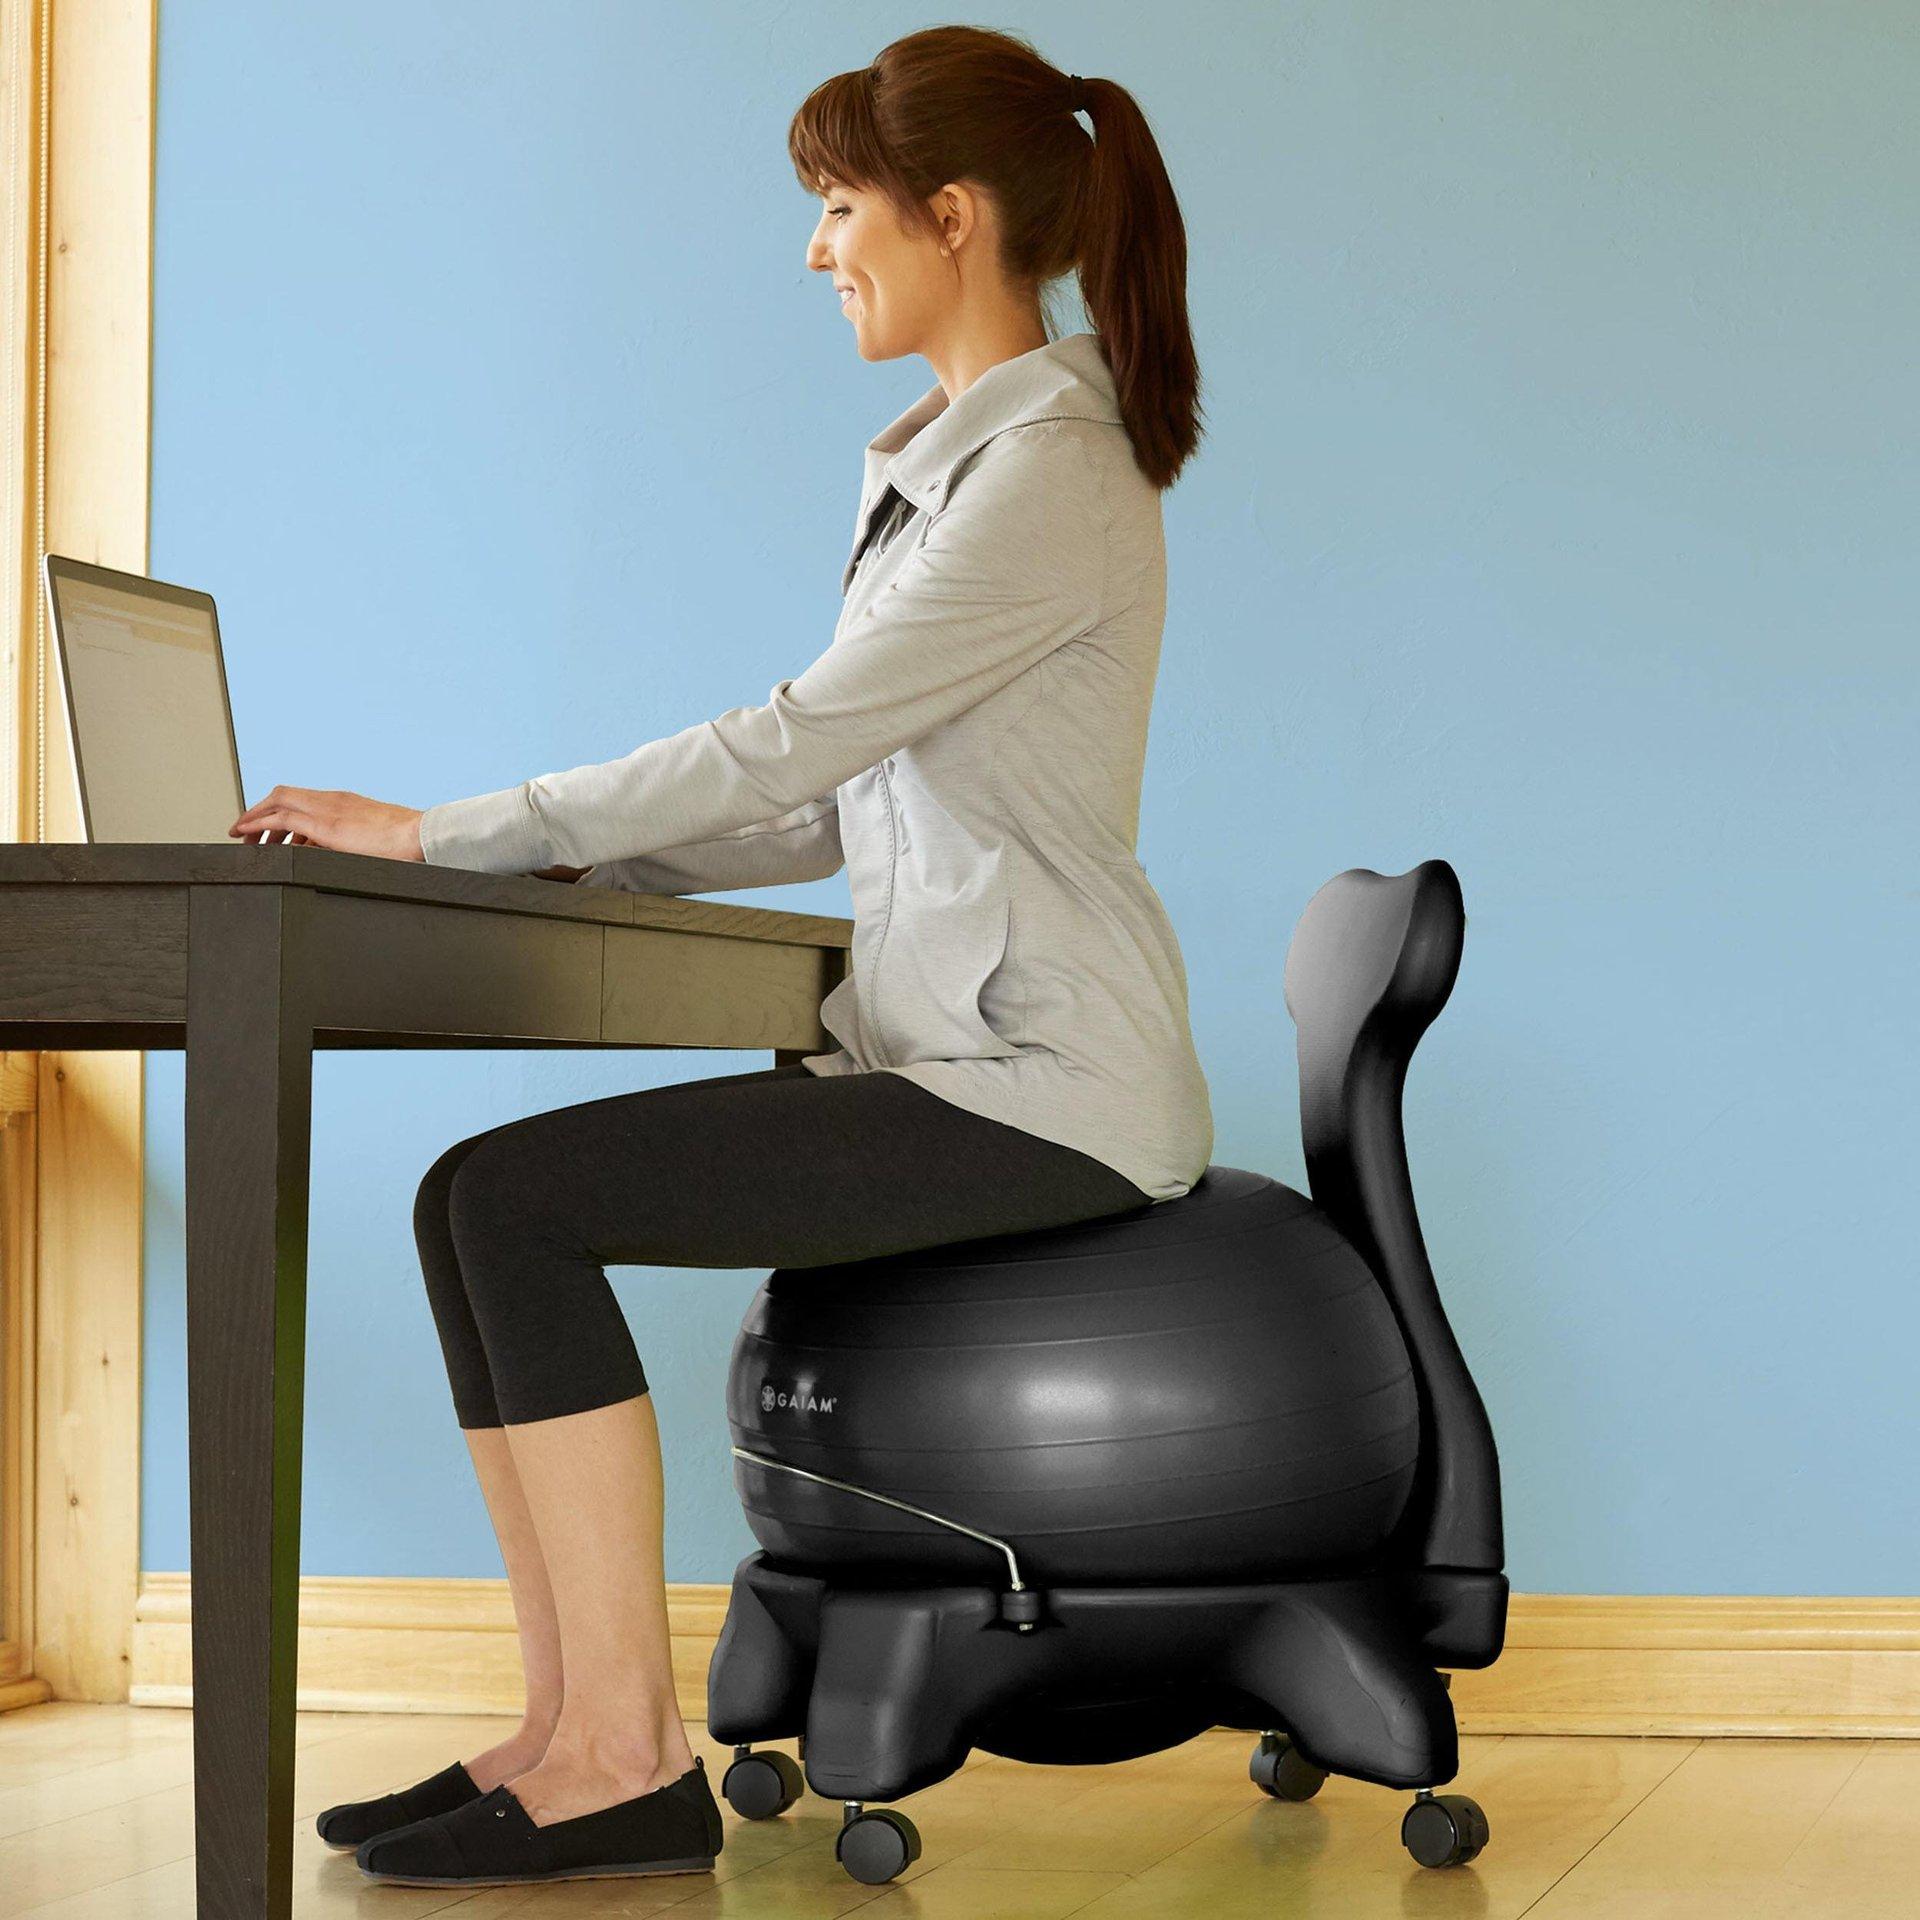 瑜伽球椅办公室健身可移动按摩椅家用座椅防爆加厚球凳孕产医用椅